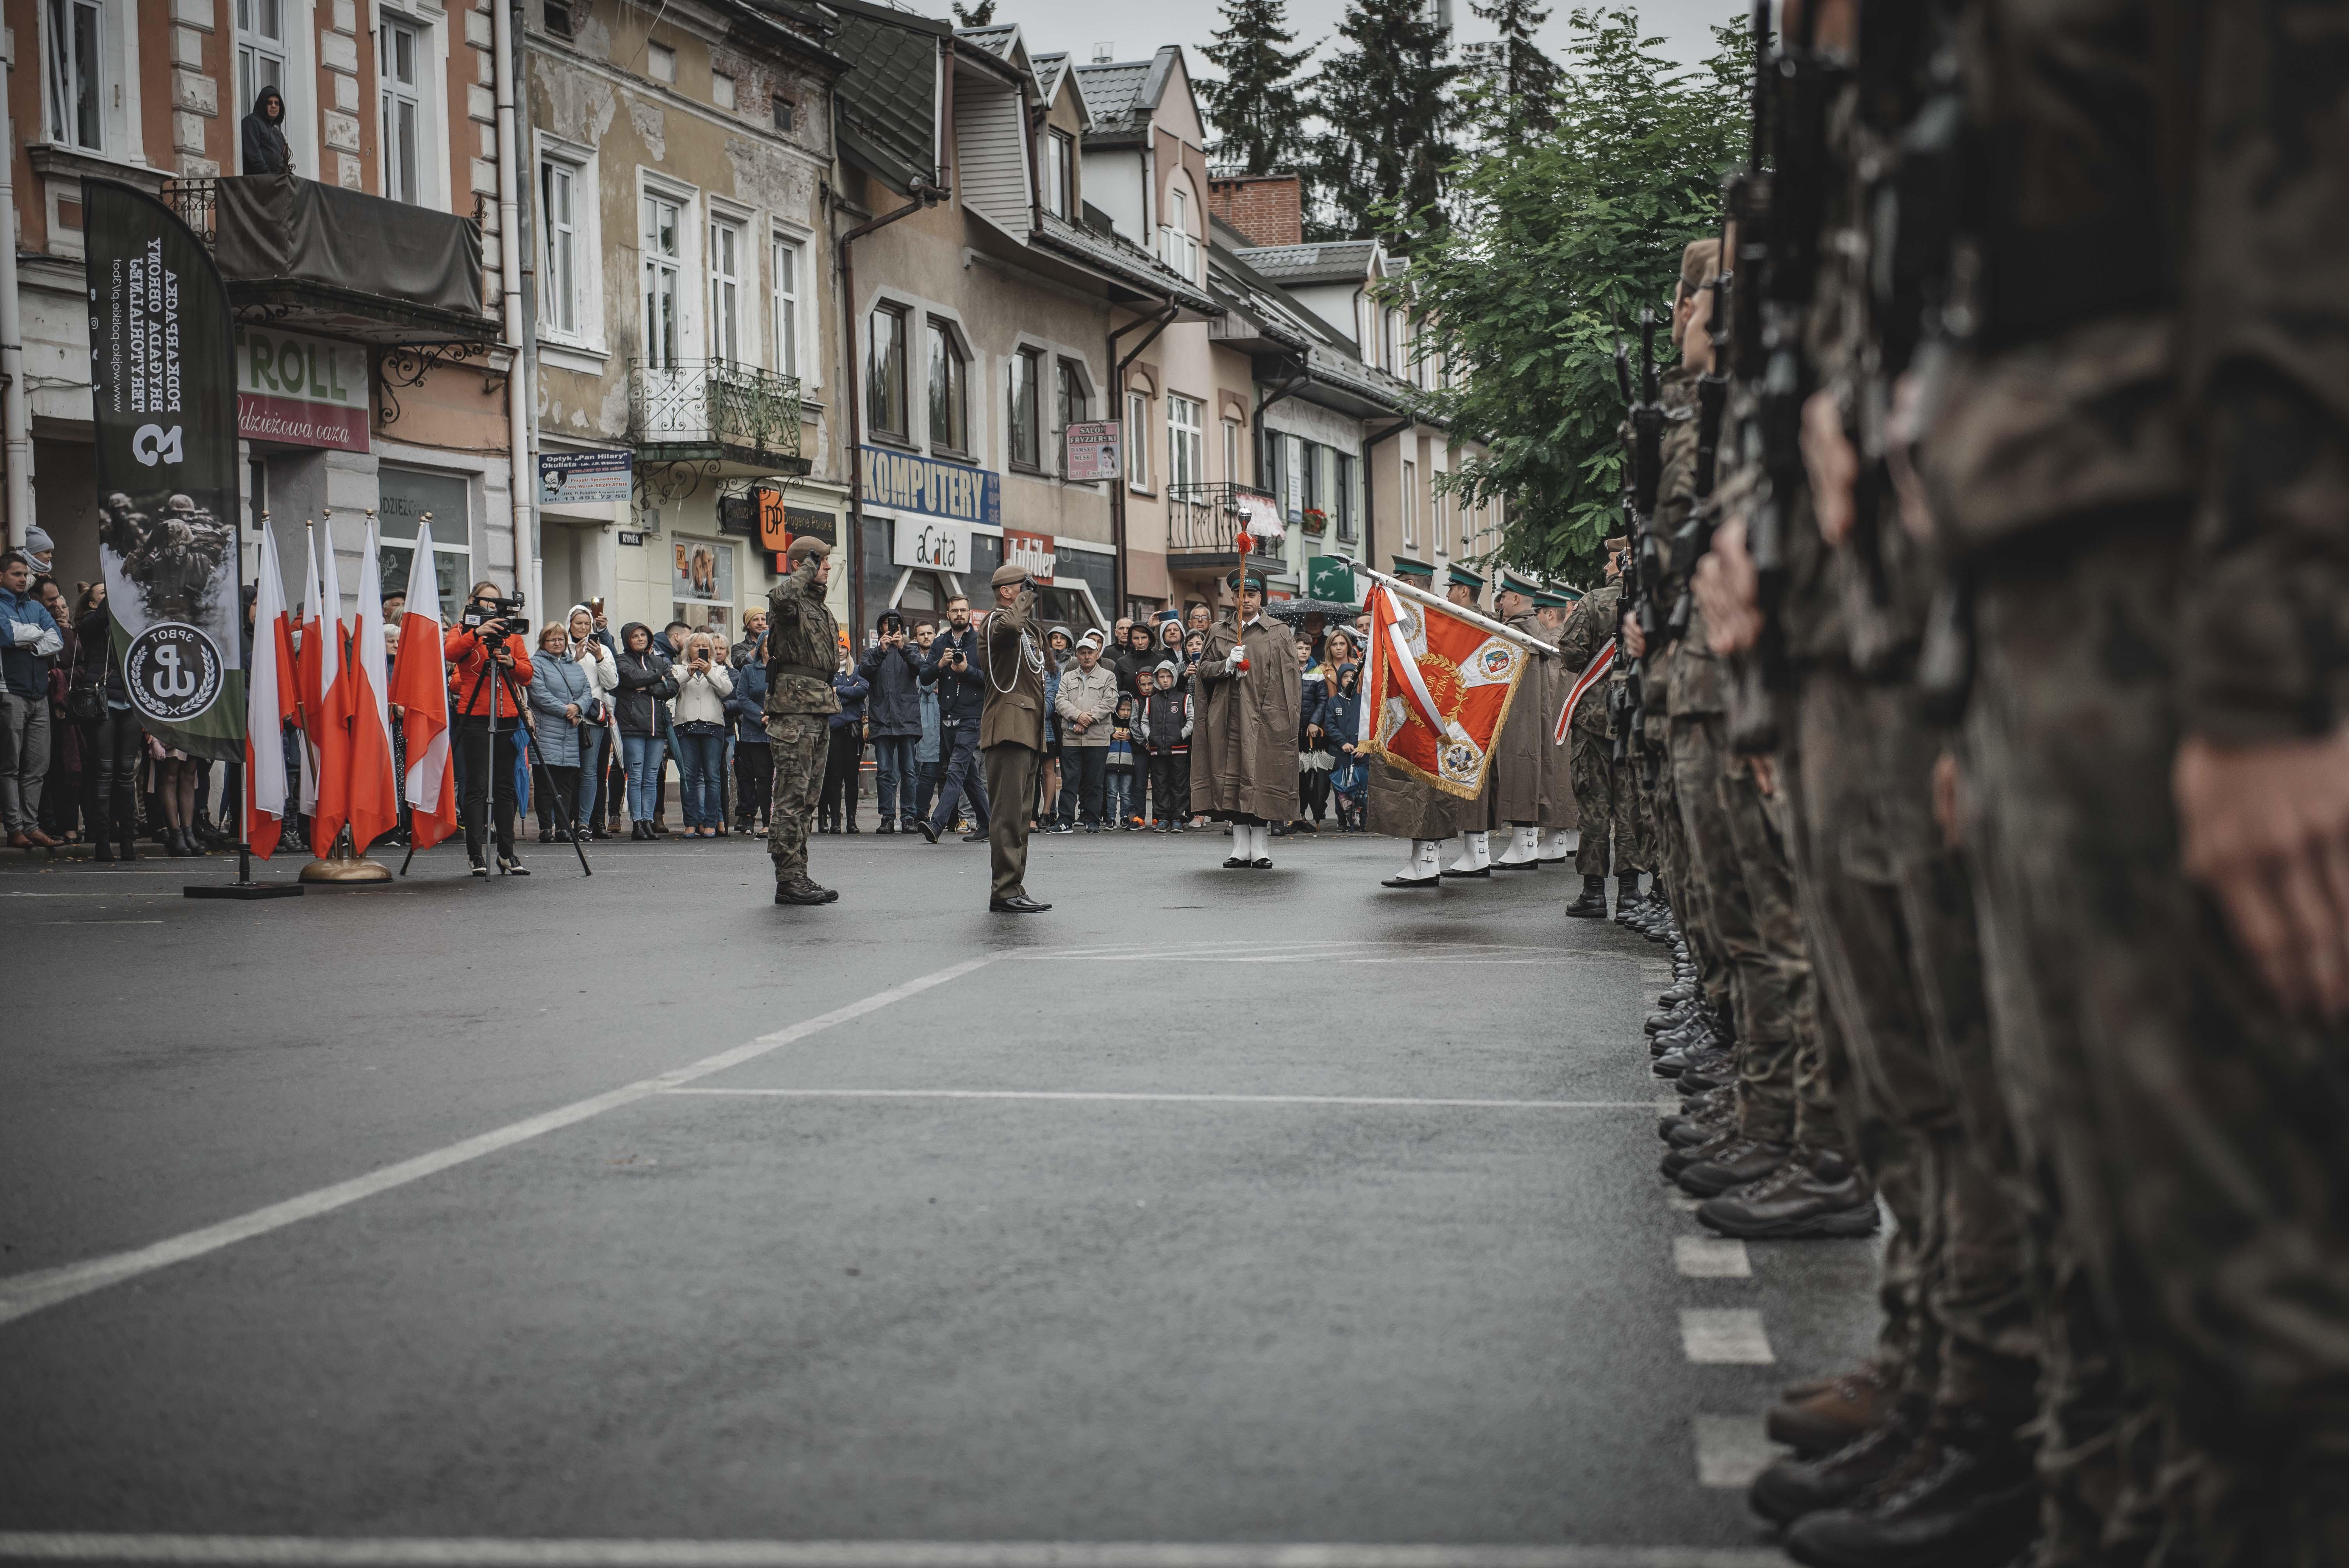 Terytorialsi złożyli przysięgę w Lesku [ZDJĘCIA] - Zdjęcie główne